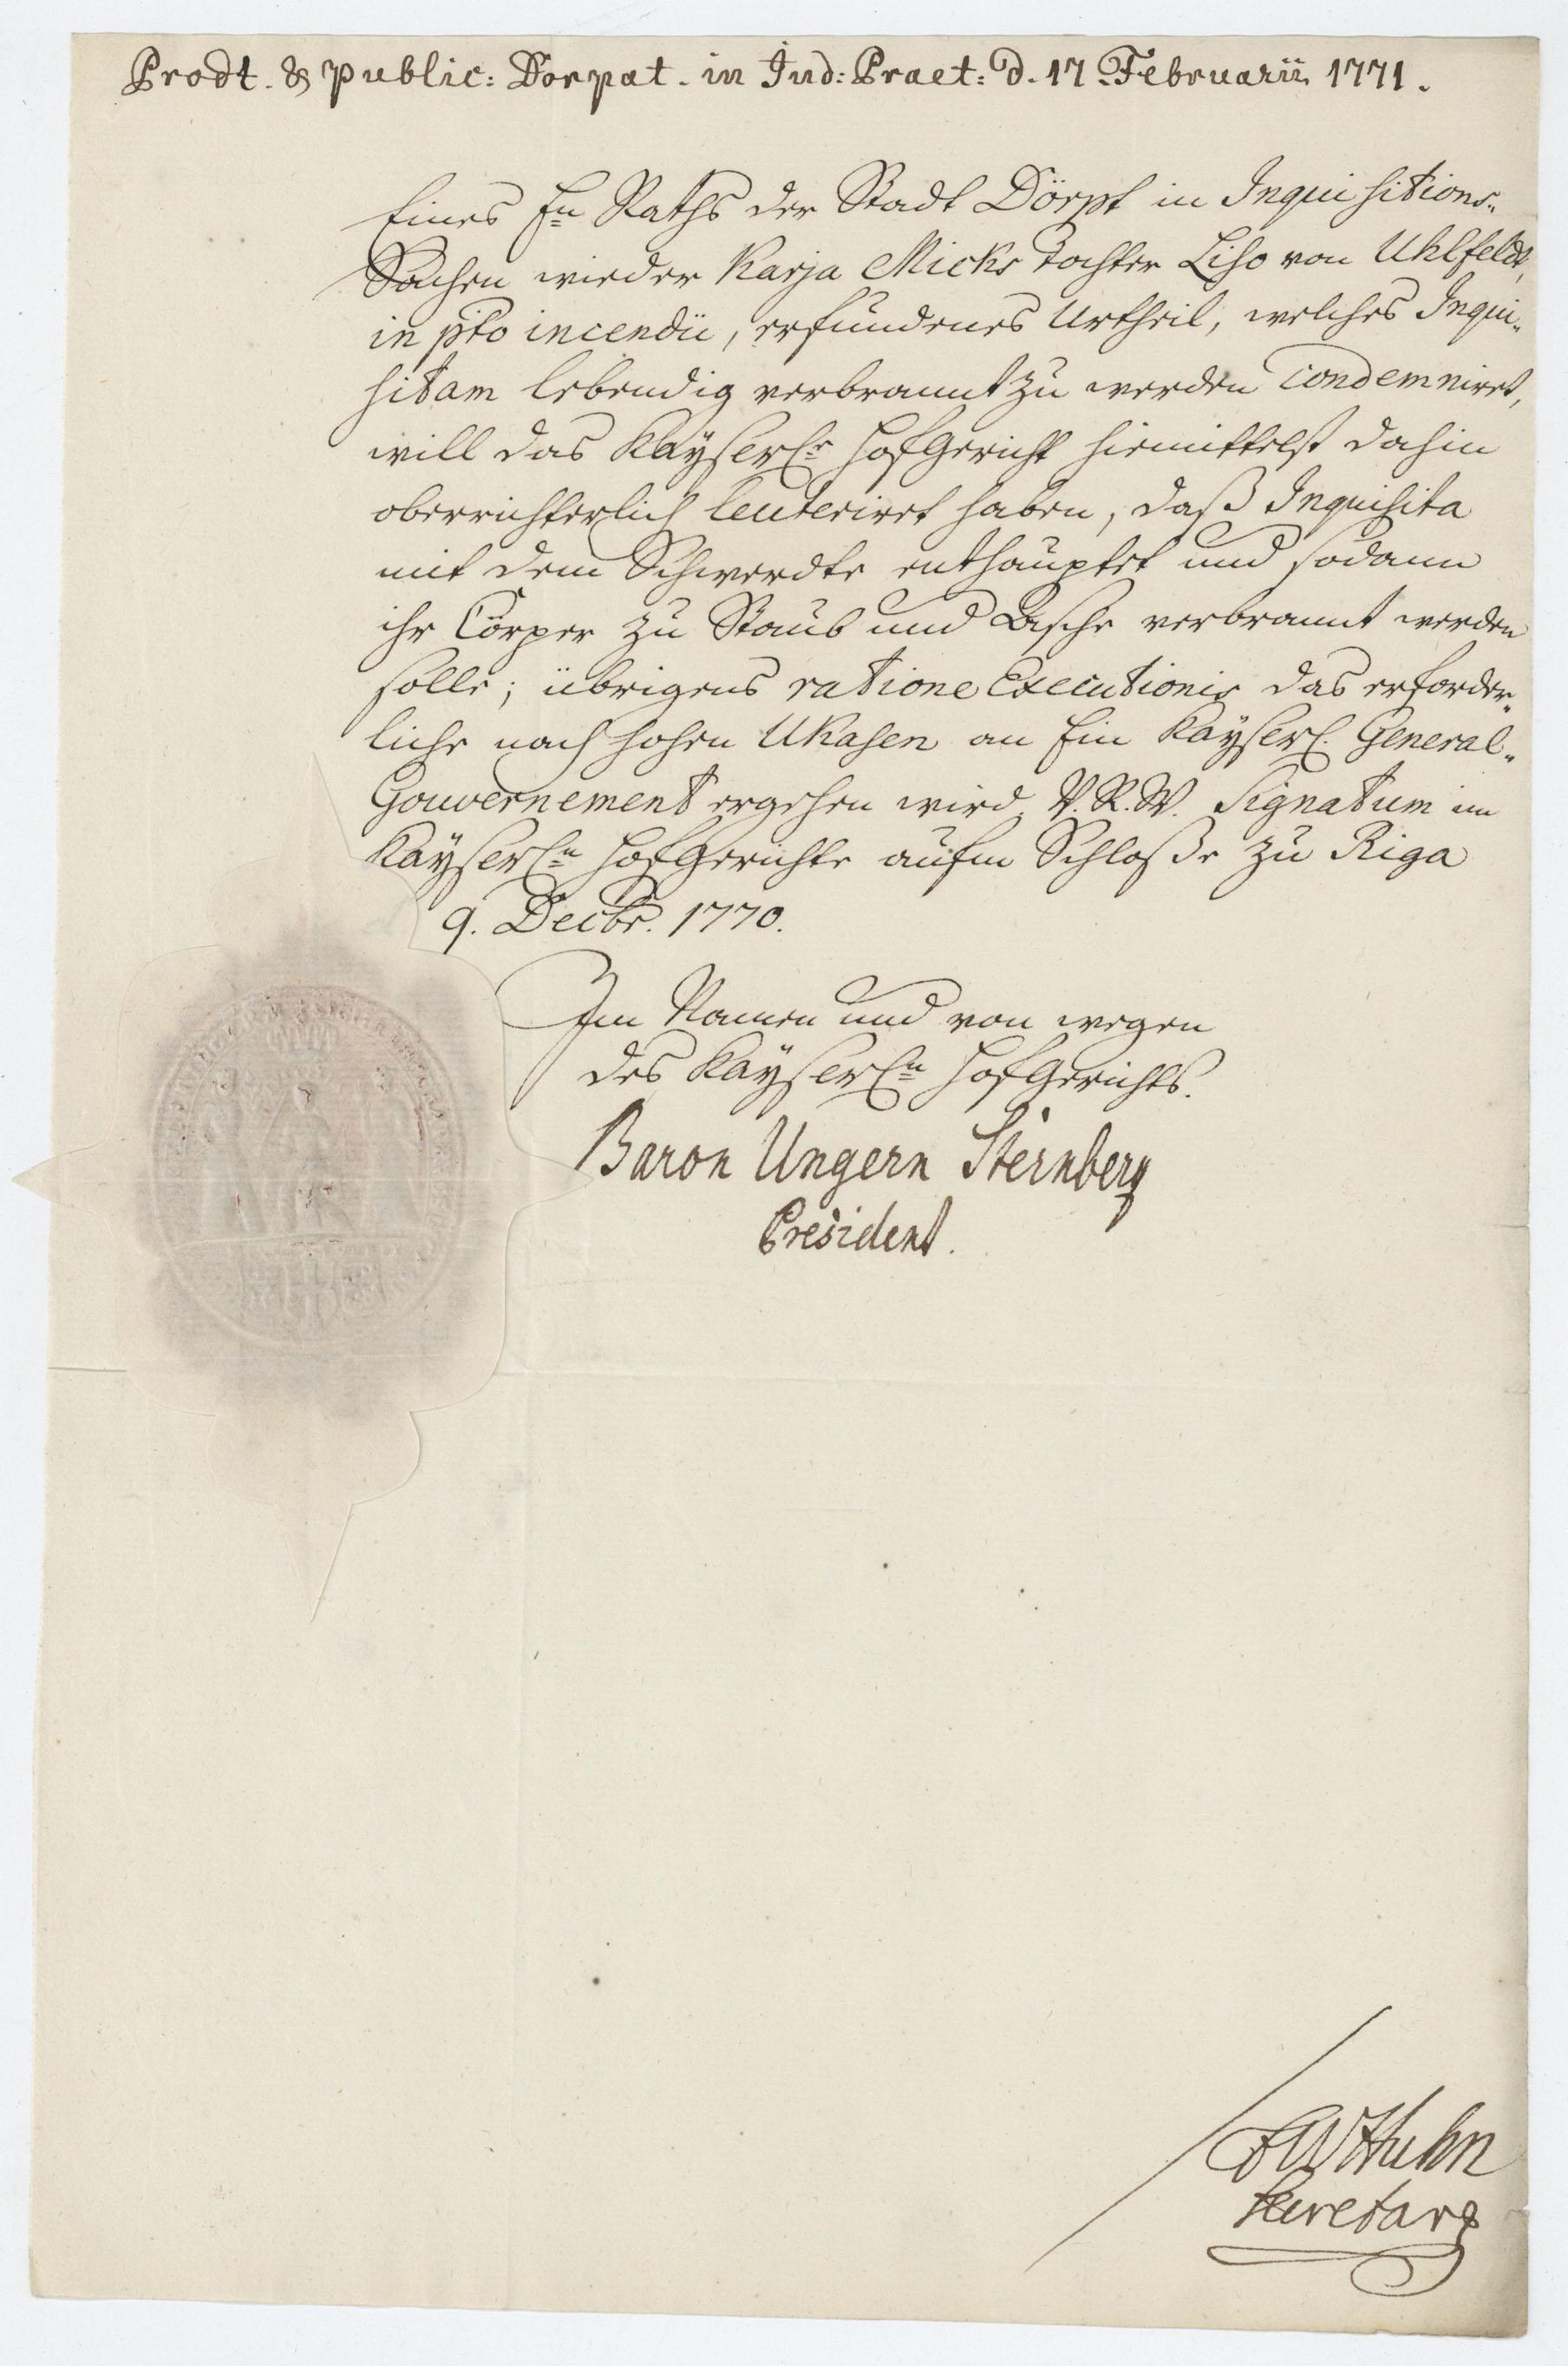 Liivimaa õukohtu presidendi parun Ungern-Sternbergi kiri Tartu raele. EAA.995.1.2948.